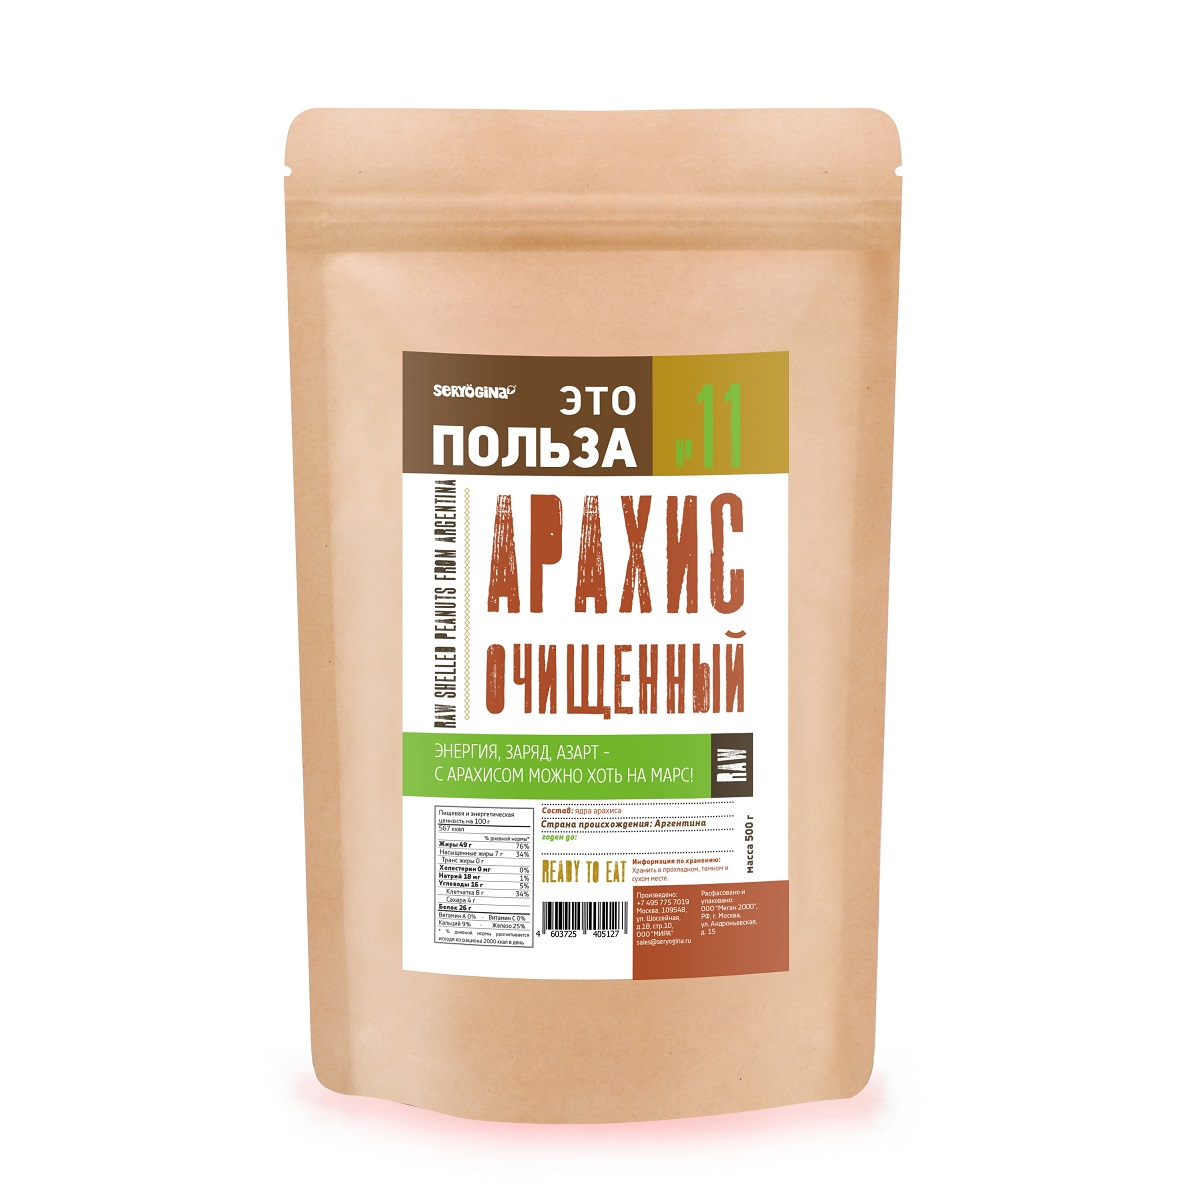 Seryogina арахис нежареный несоленый очищенный, 500 г0120710Самый популярный орешек в мире, с anti-age эффектом.